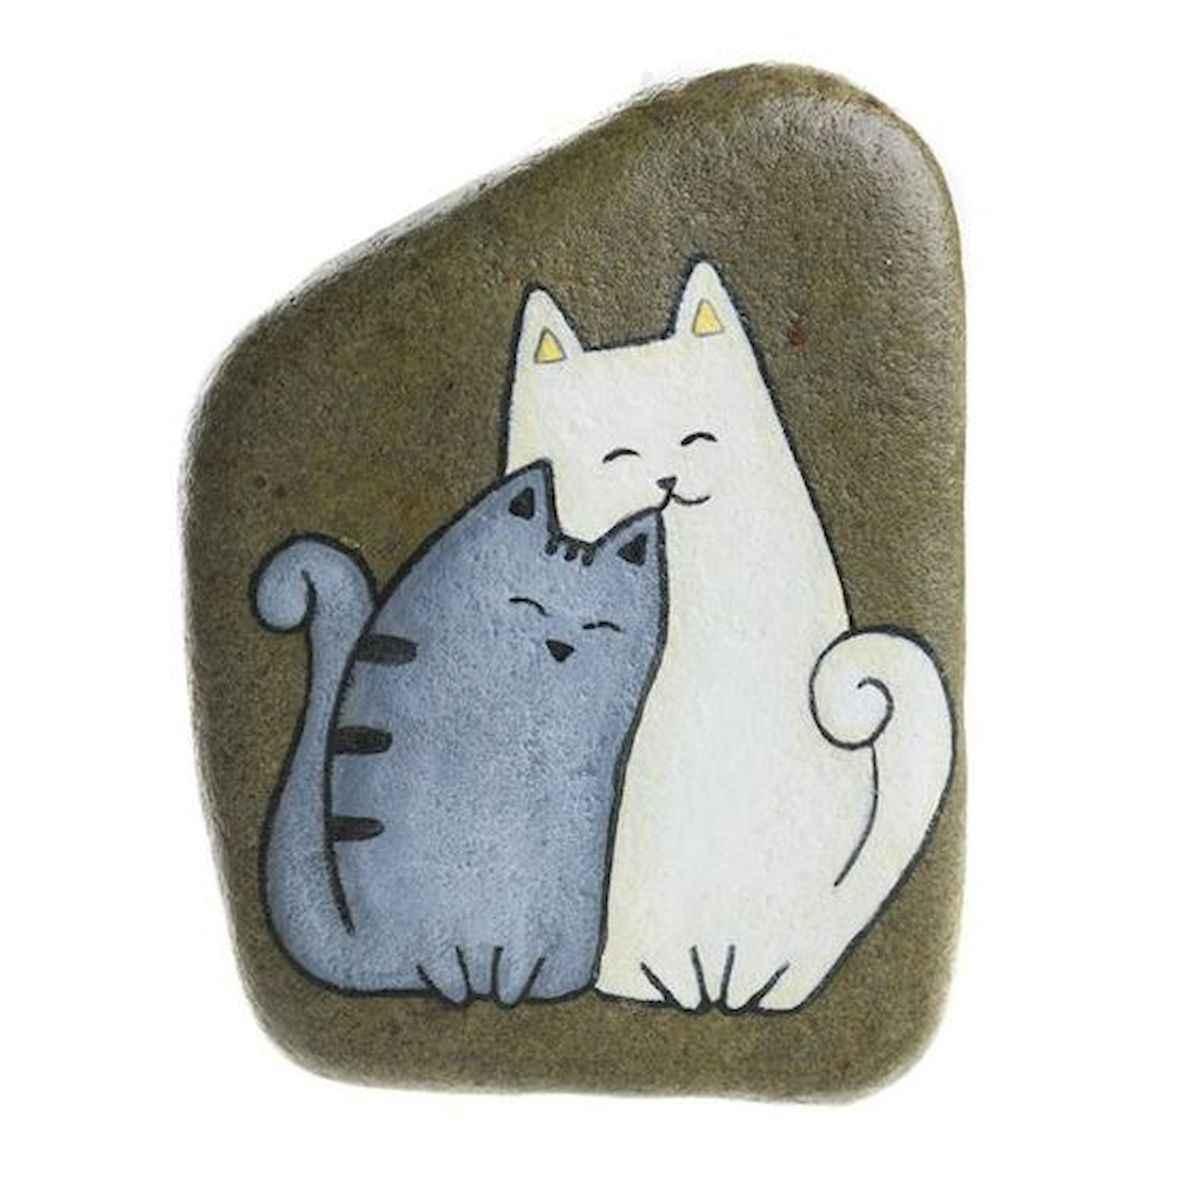 50 Inspiring DIY Painted Rocks Animals Cats for Summer Ideas (45)